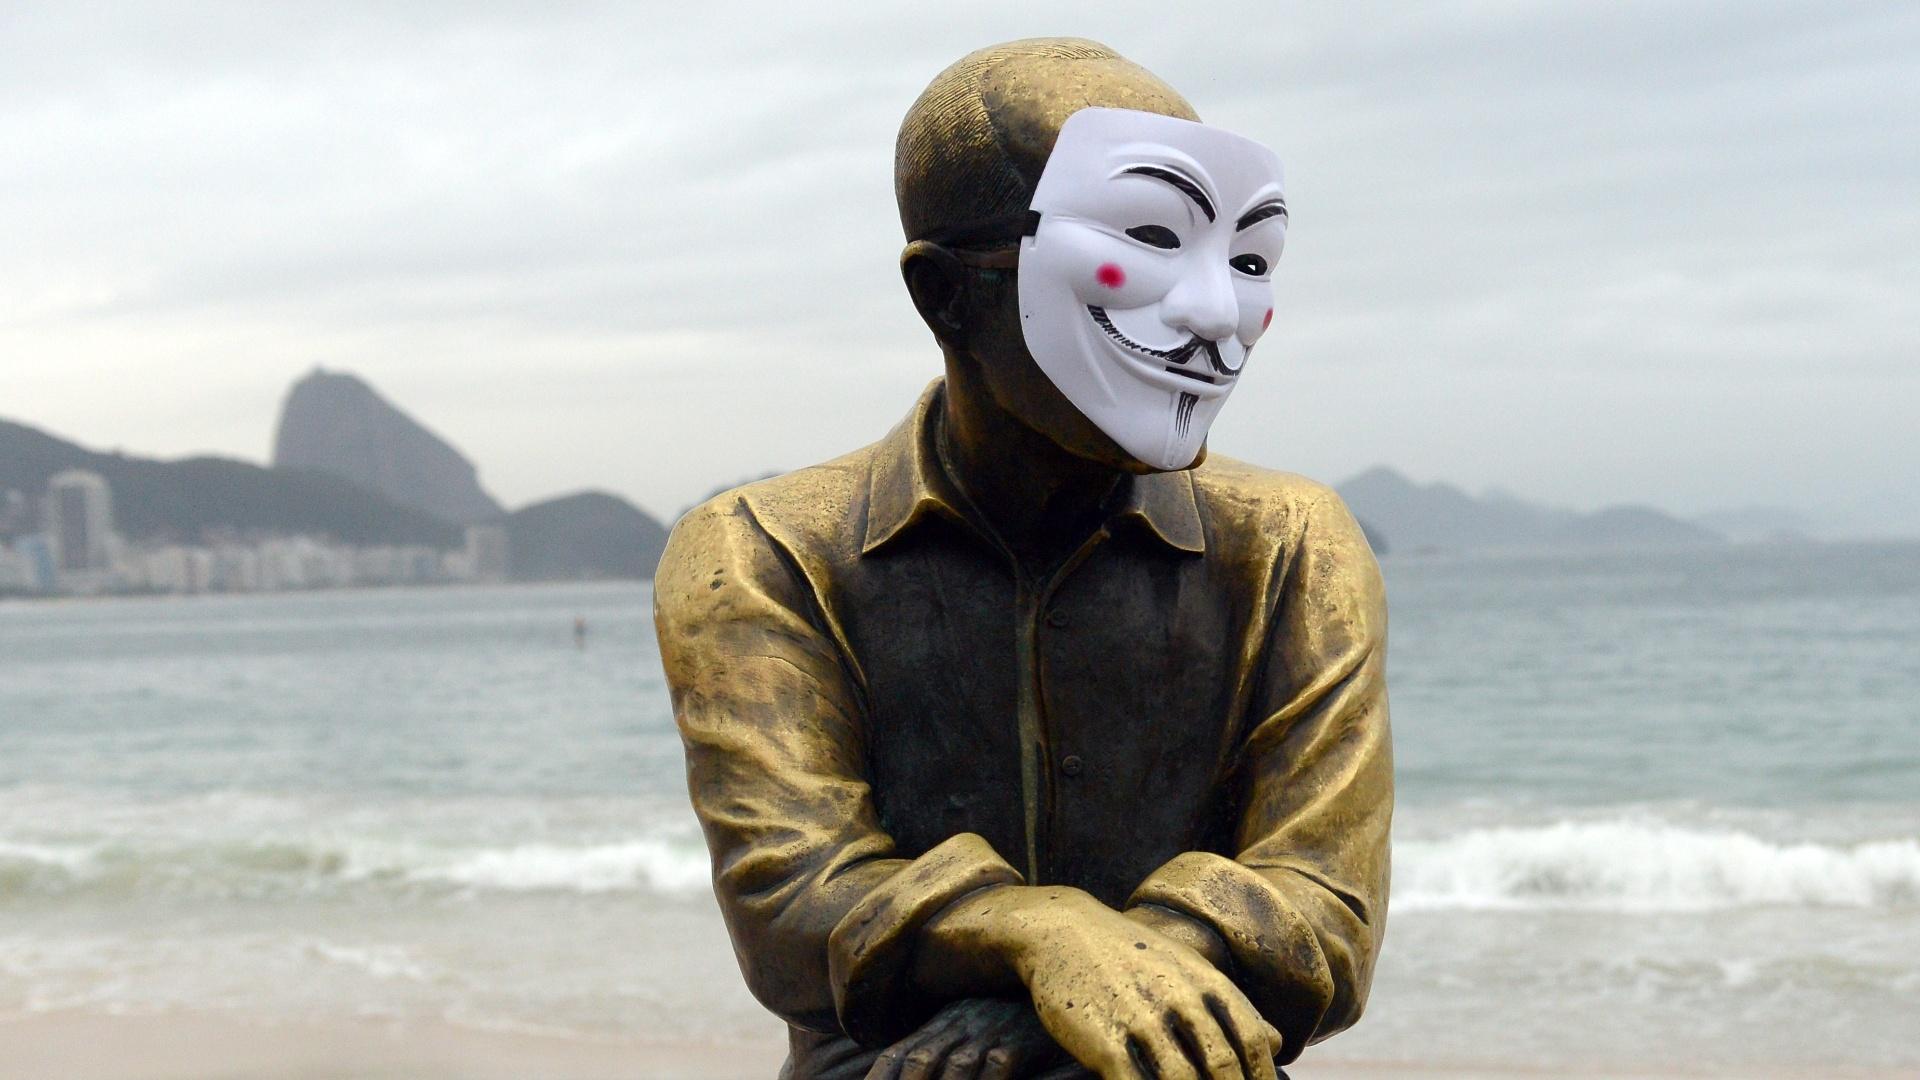 Fotos Mascara Vira Simbolo De Protestos 25 06 2013 Uol Noticias